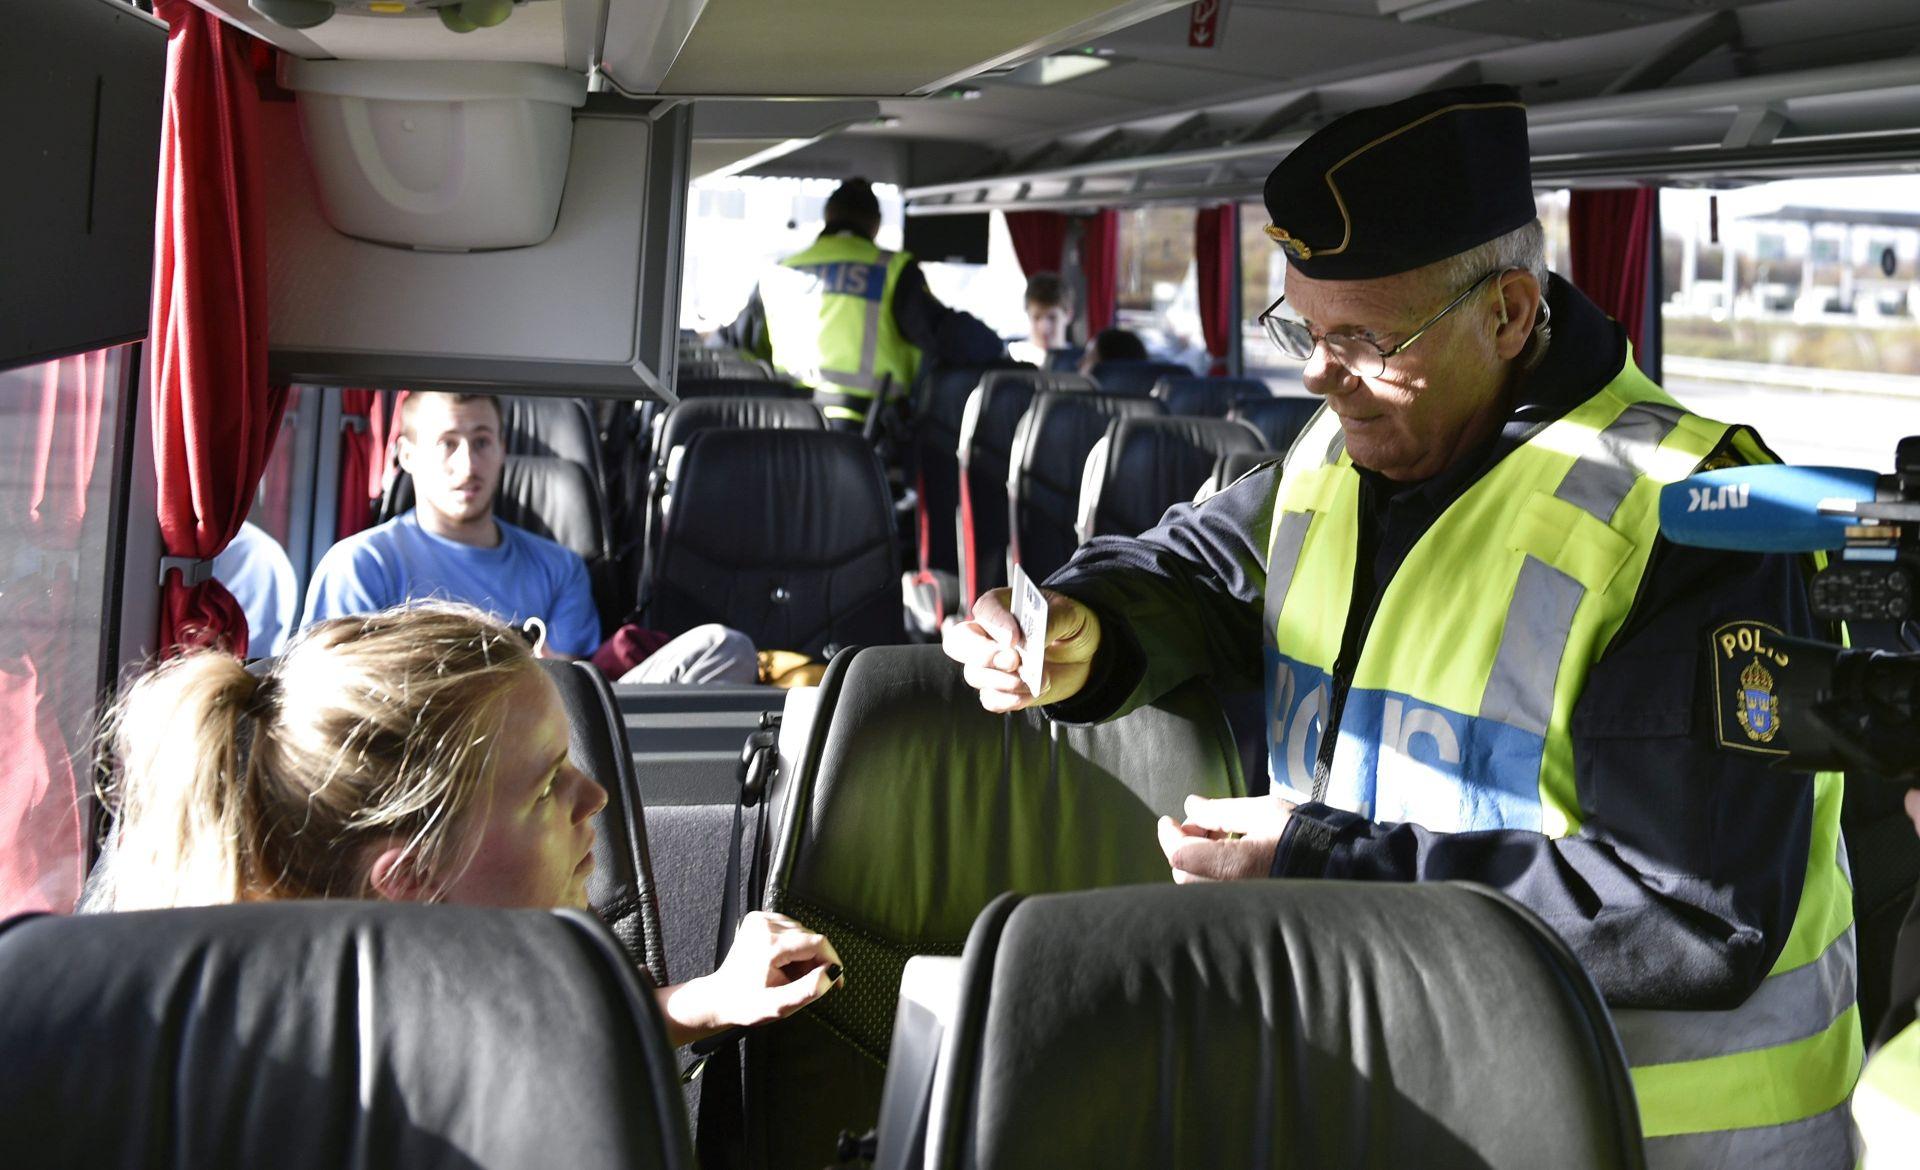 GRČKA I BRITANSKA POLICIJA: Razbijena mreža krivotvoritelja putovnica za migrante